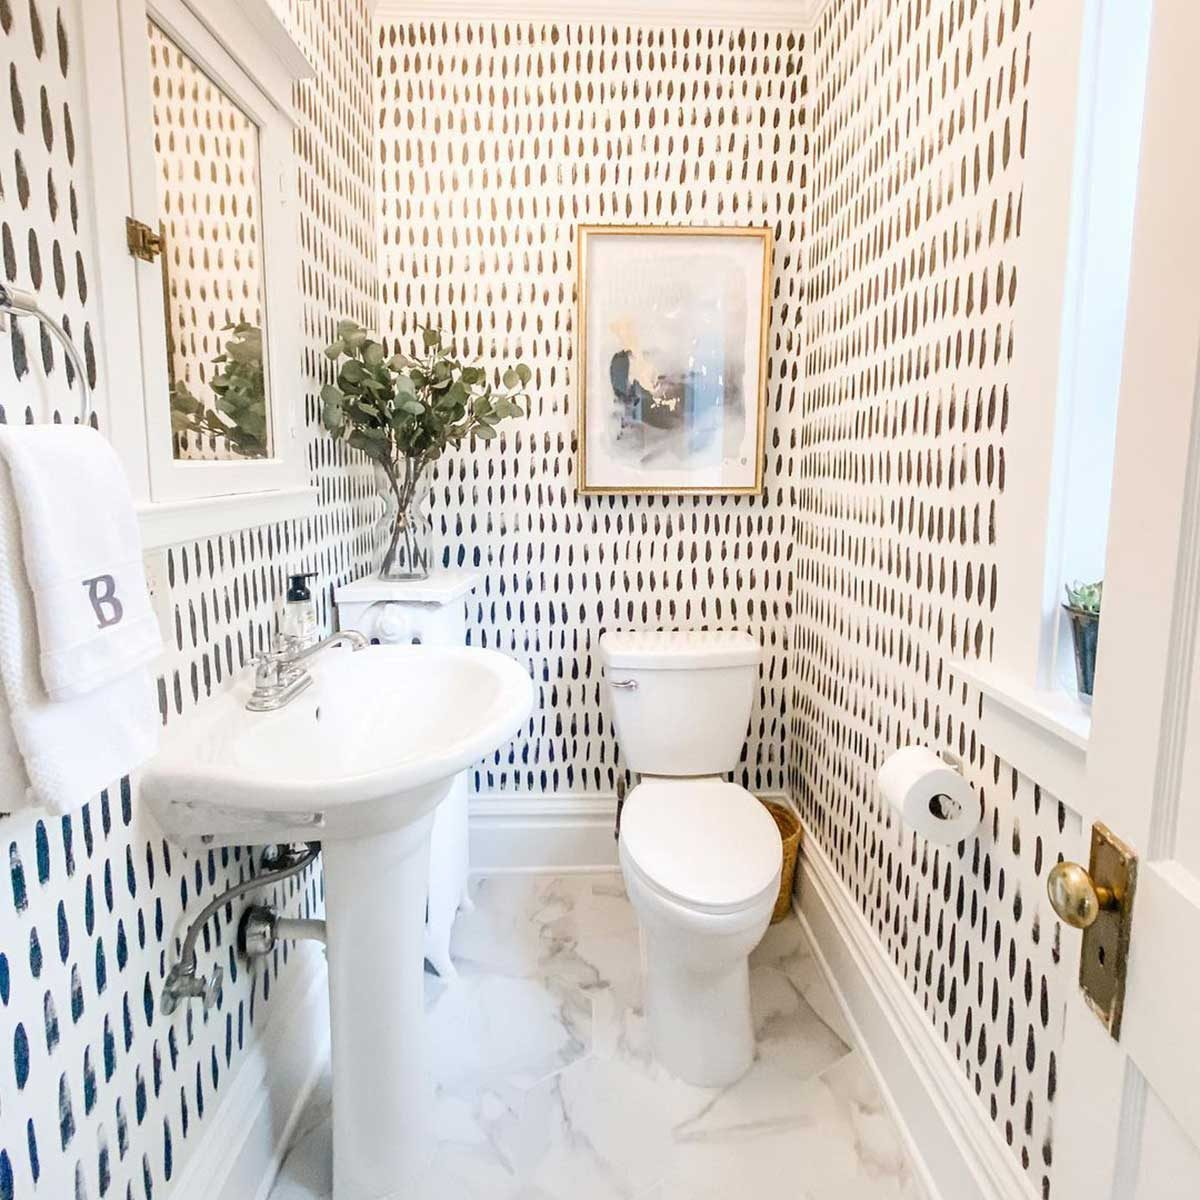 10 Small Bathroom Decor Ideas The Family Handyman